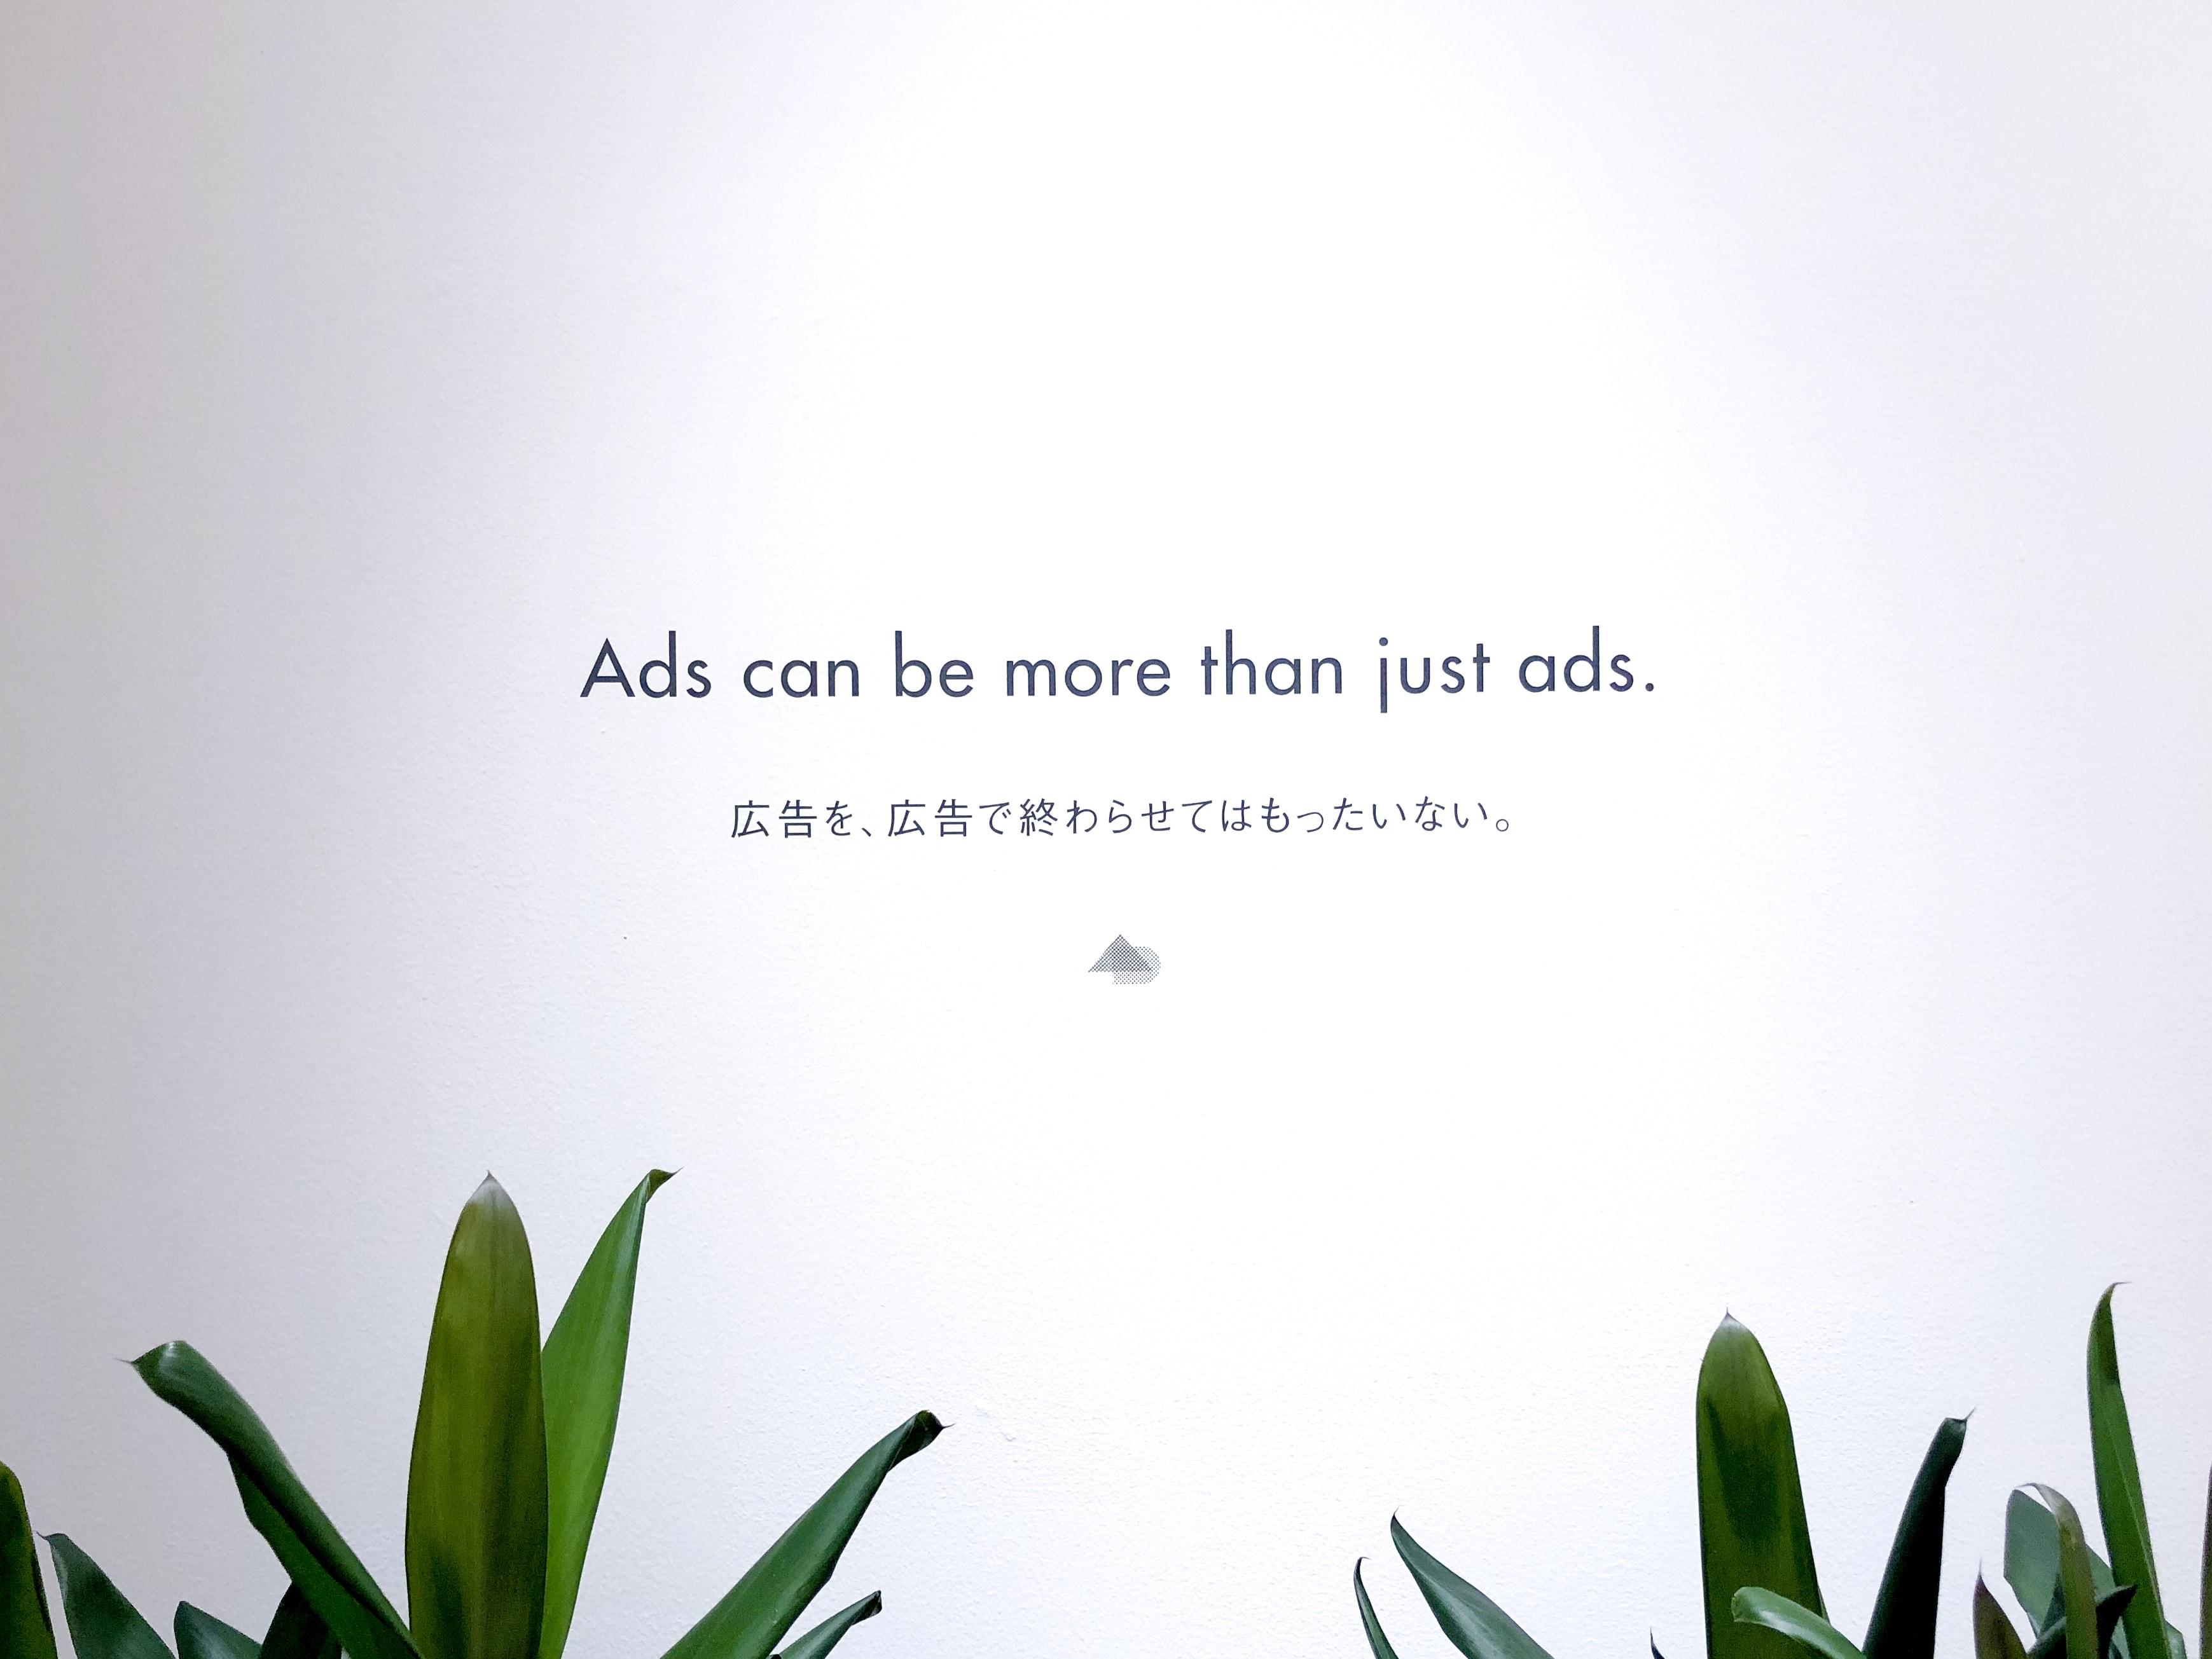 広告を、広告で終わらせてはもったいない。